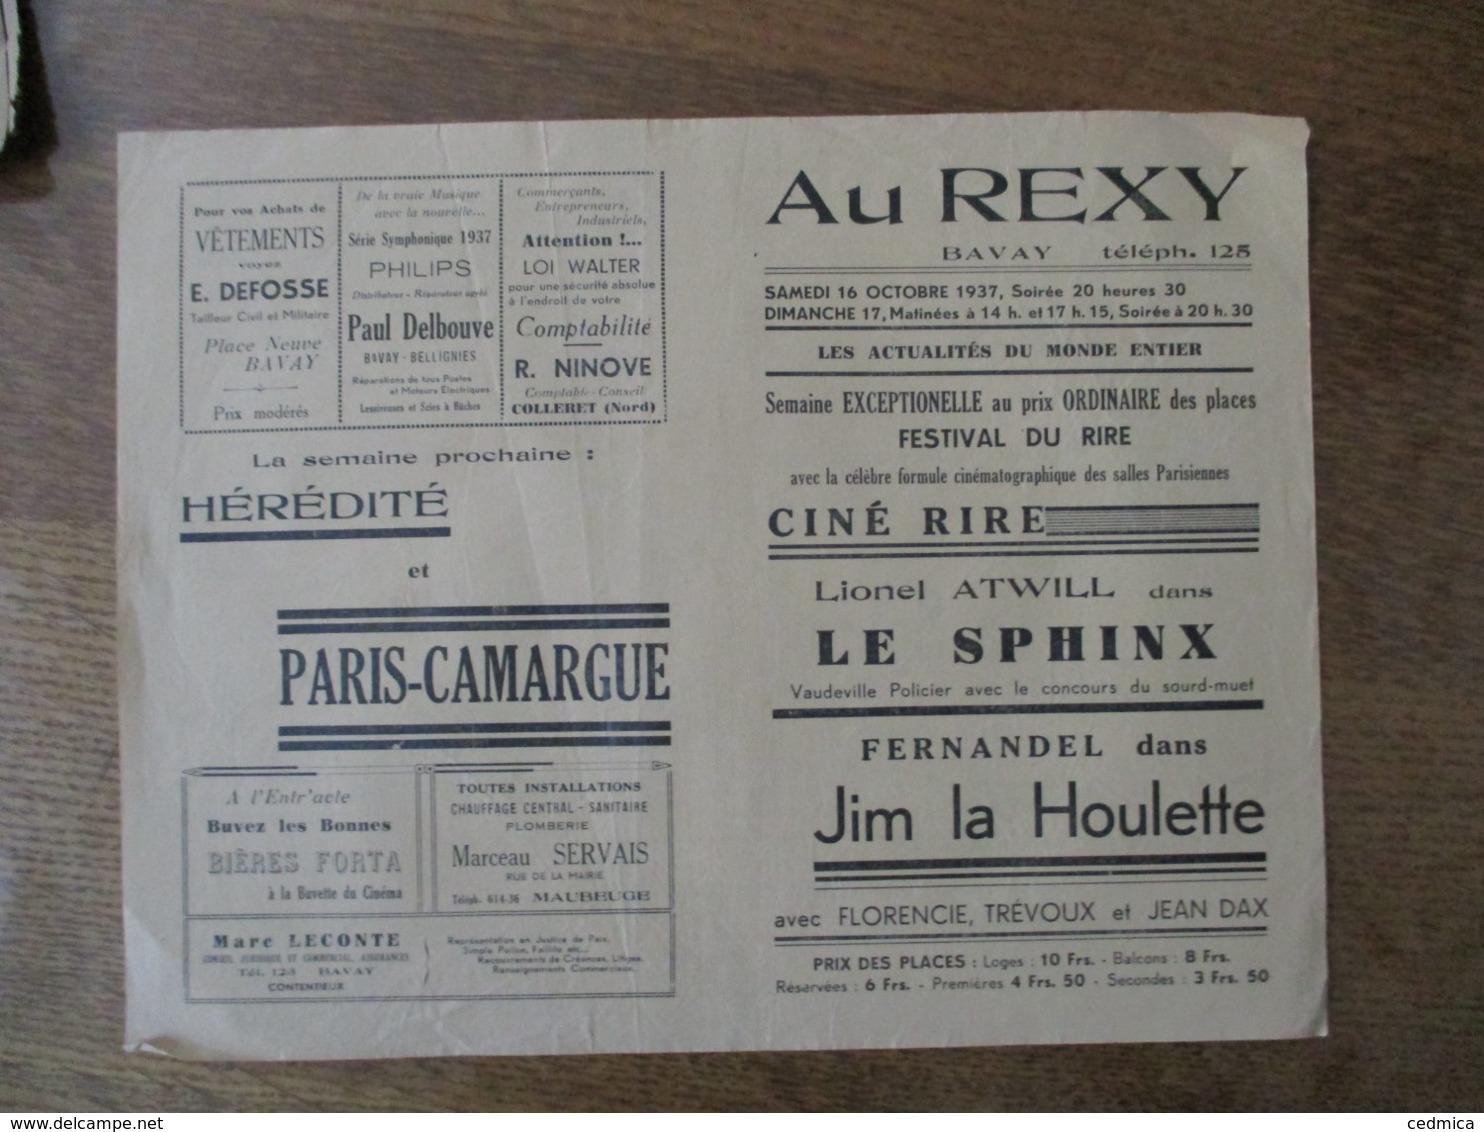 BAVAY CINEMA REXY 16 ET 17 OCTOBRE 1937 FESTIVAL DU RIRE LE SPHINX ET FERNANDEL DANS JIM LA HOULETTE - Programmes